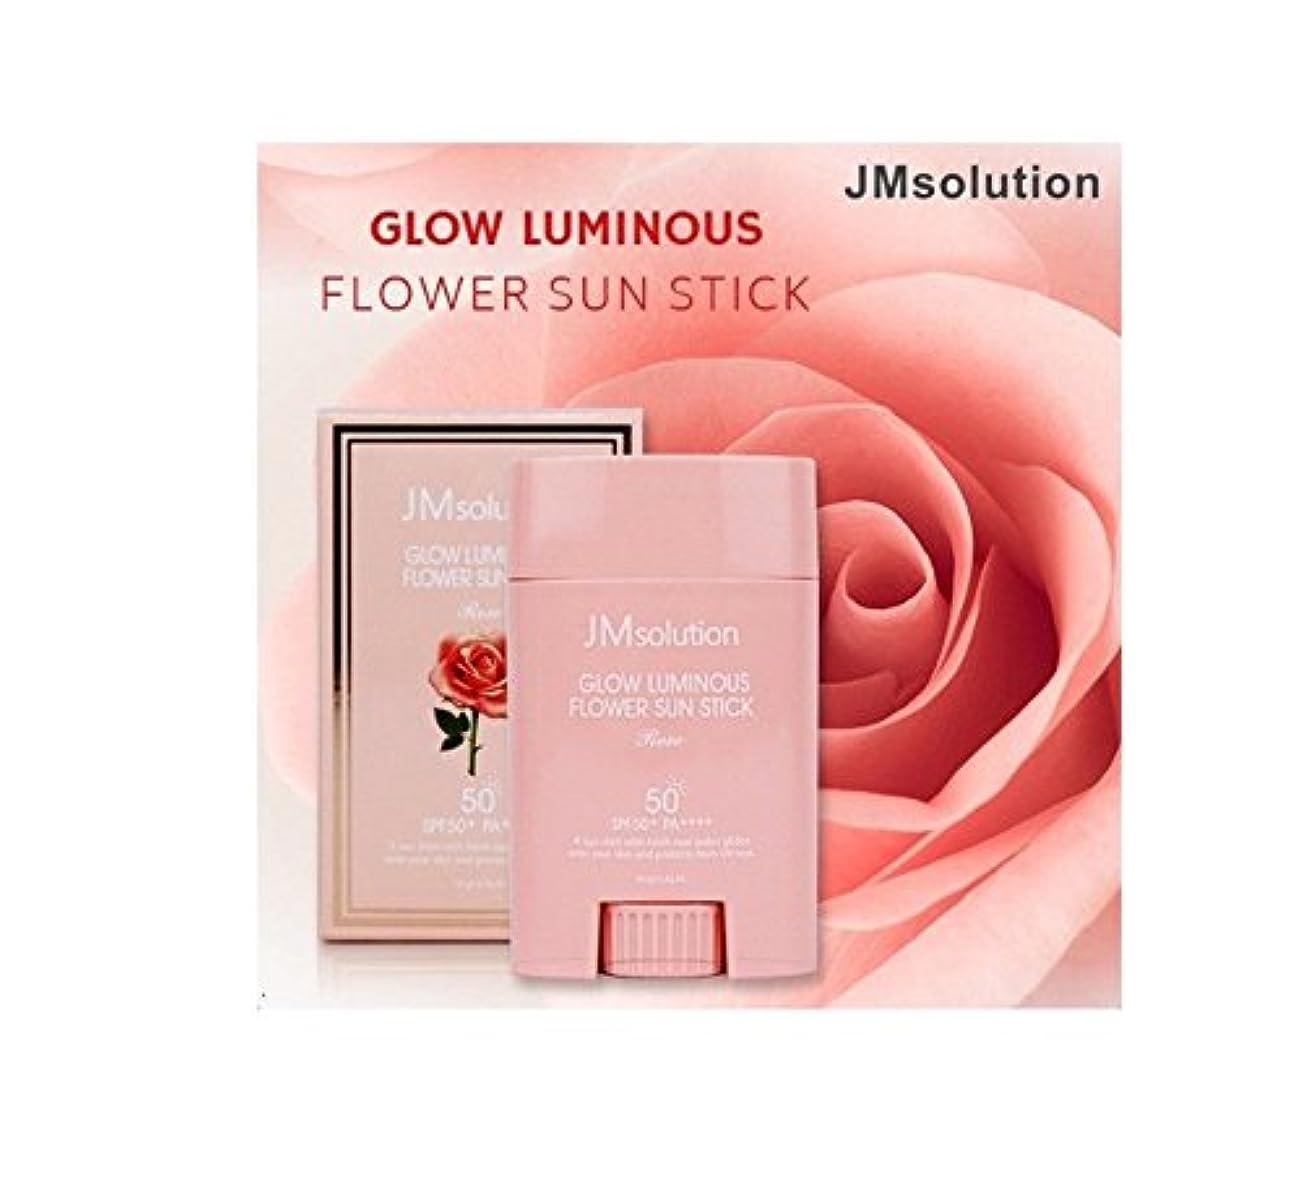 移行するホステル部屋を掃除するJM Solution Glow Luminous Flower Sun Stick Rose 21g (spf50 PA) 光る輝く花Sun Stick Rose